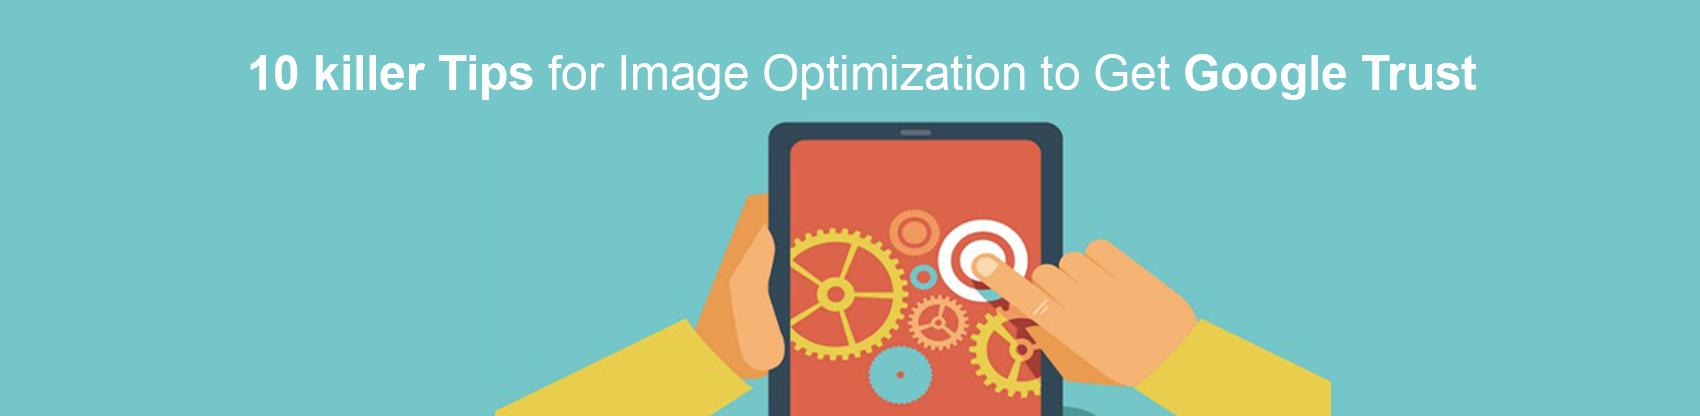 10 Killer Tips for Image Optimization to Get Google Trust